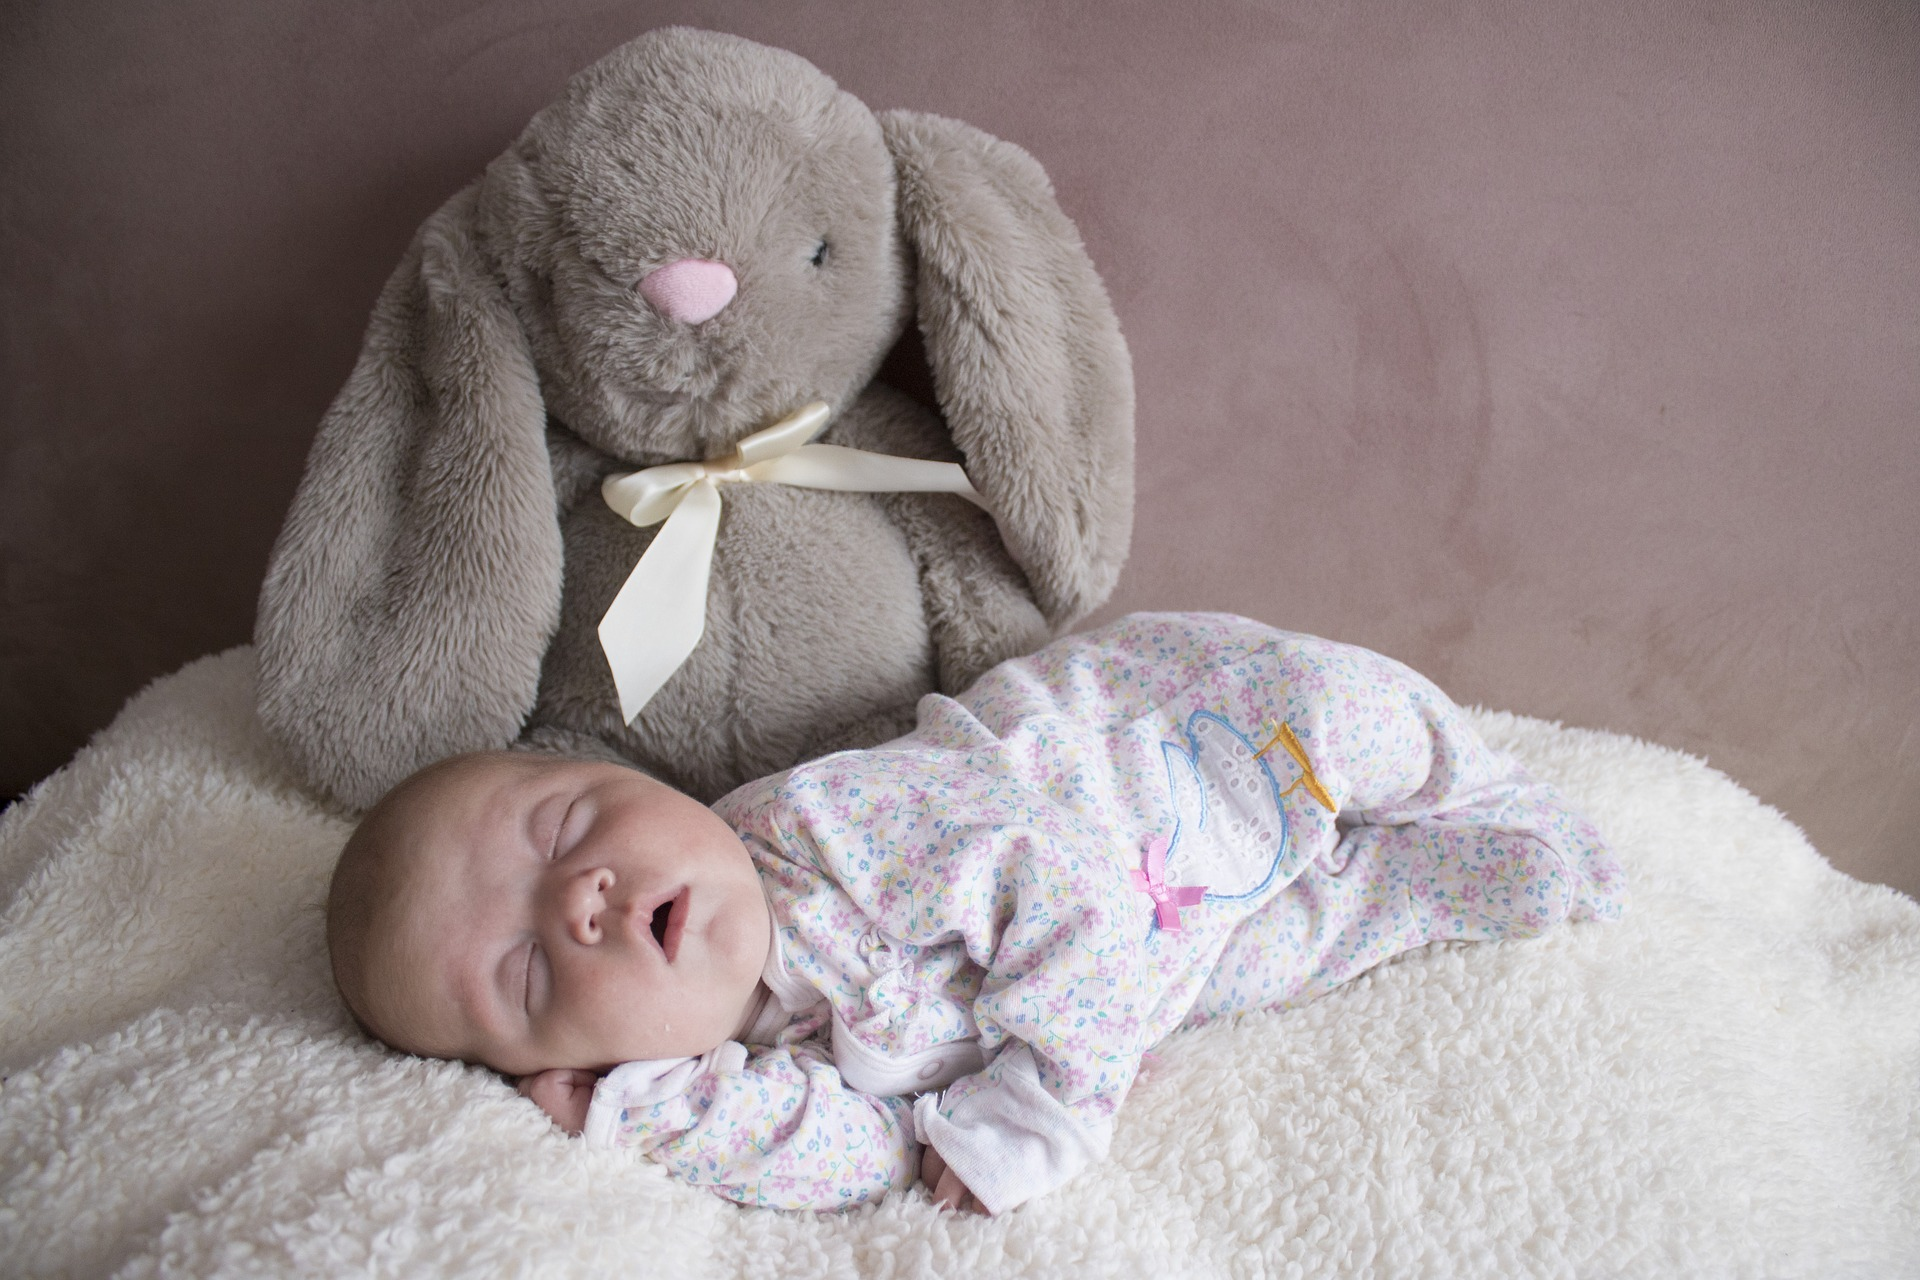 baby-3464620_1920